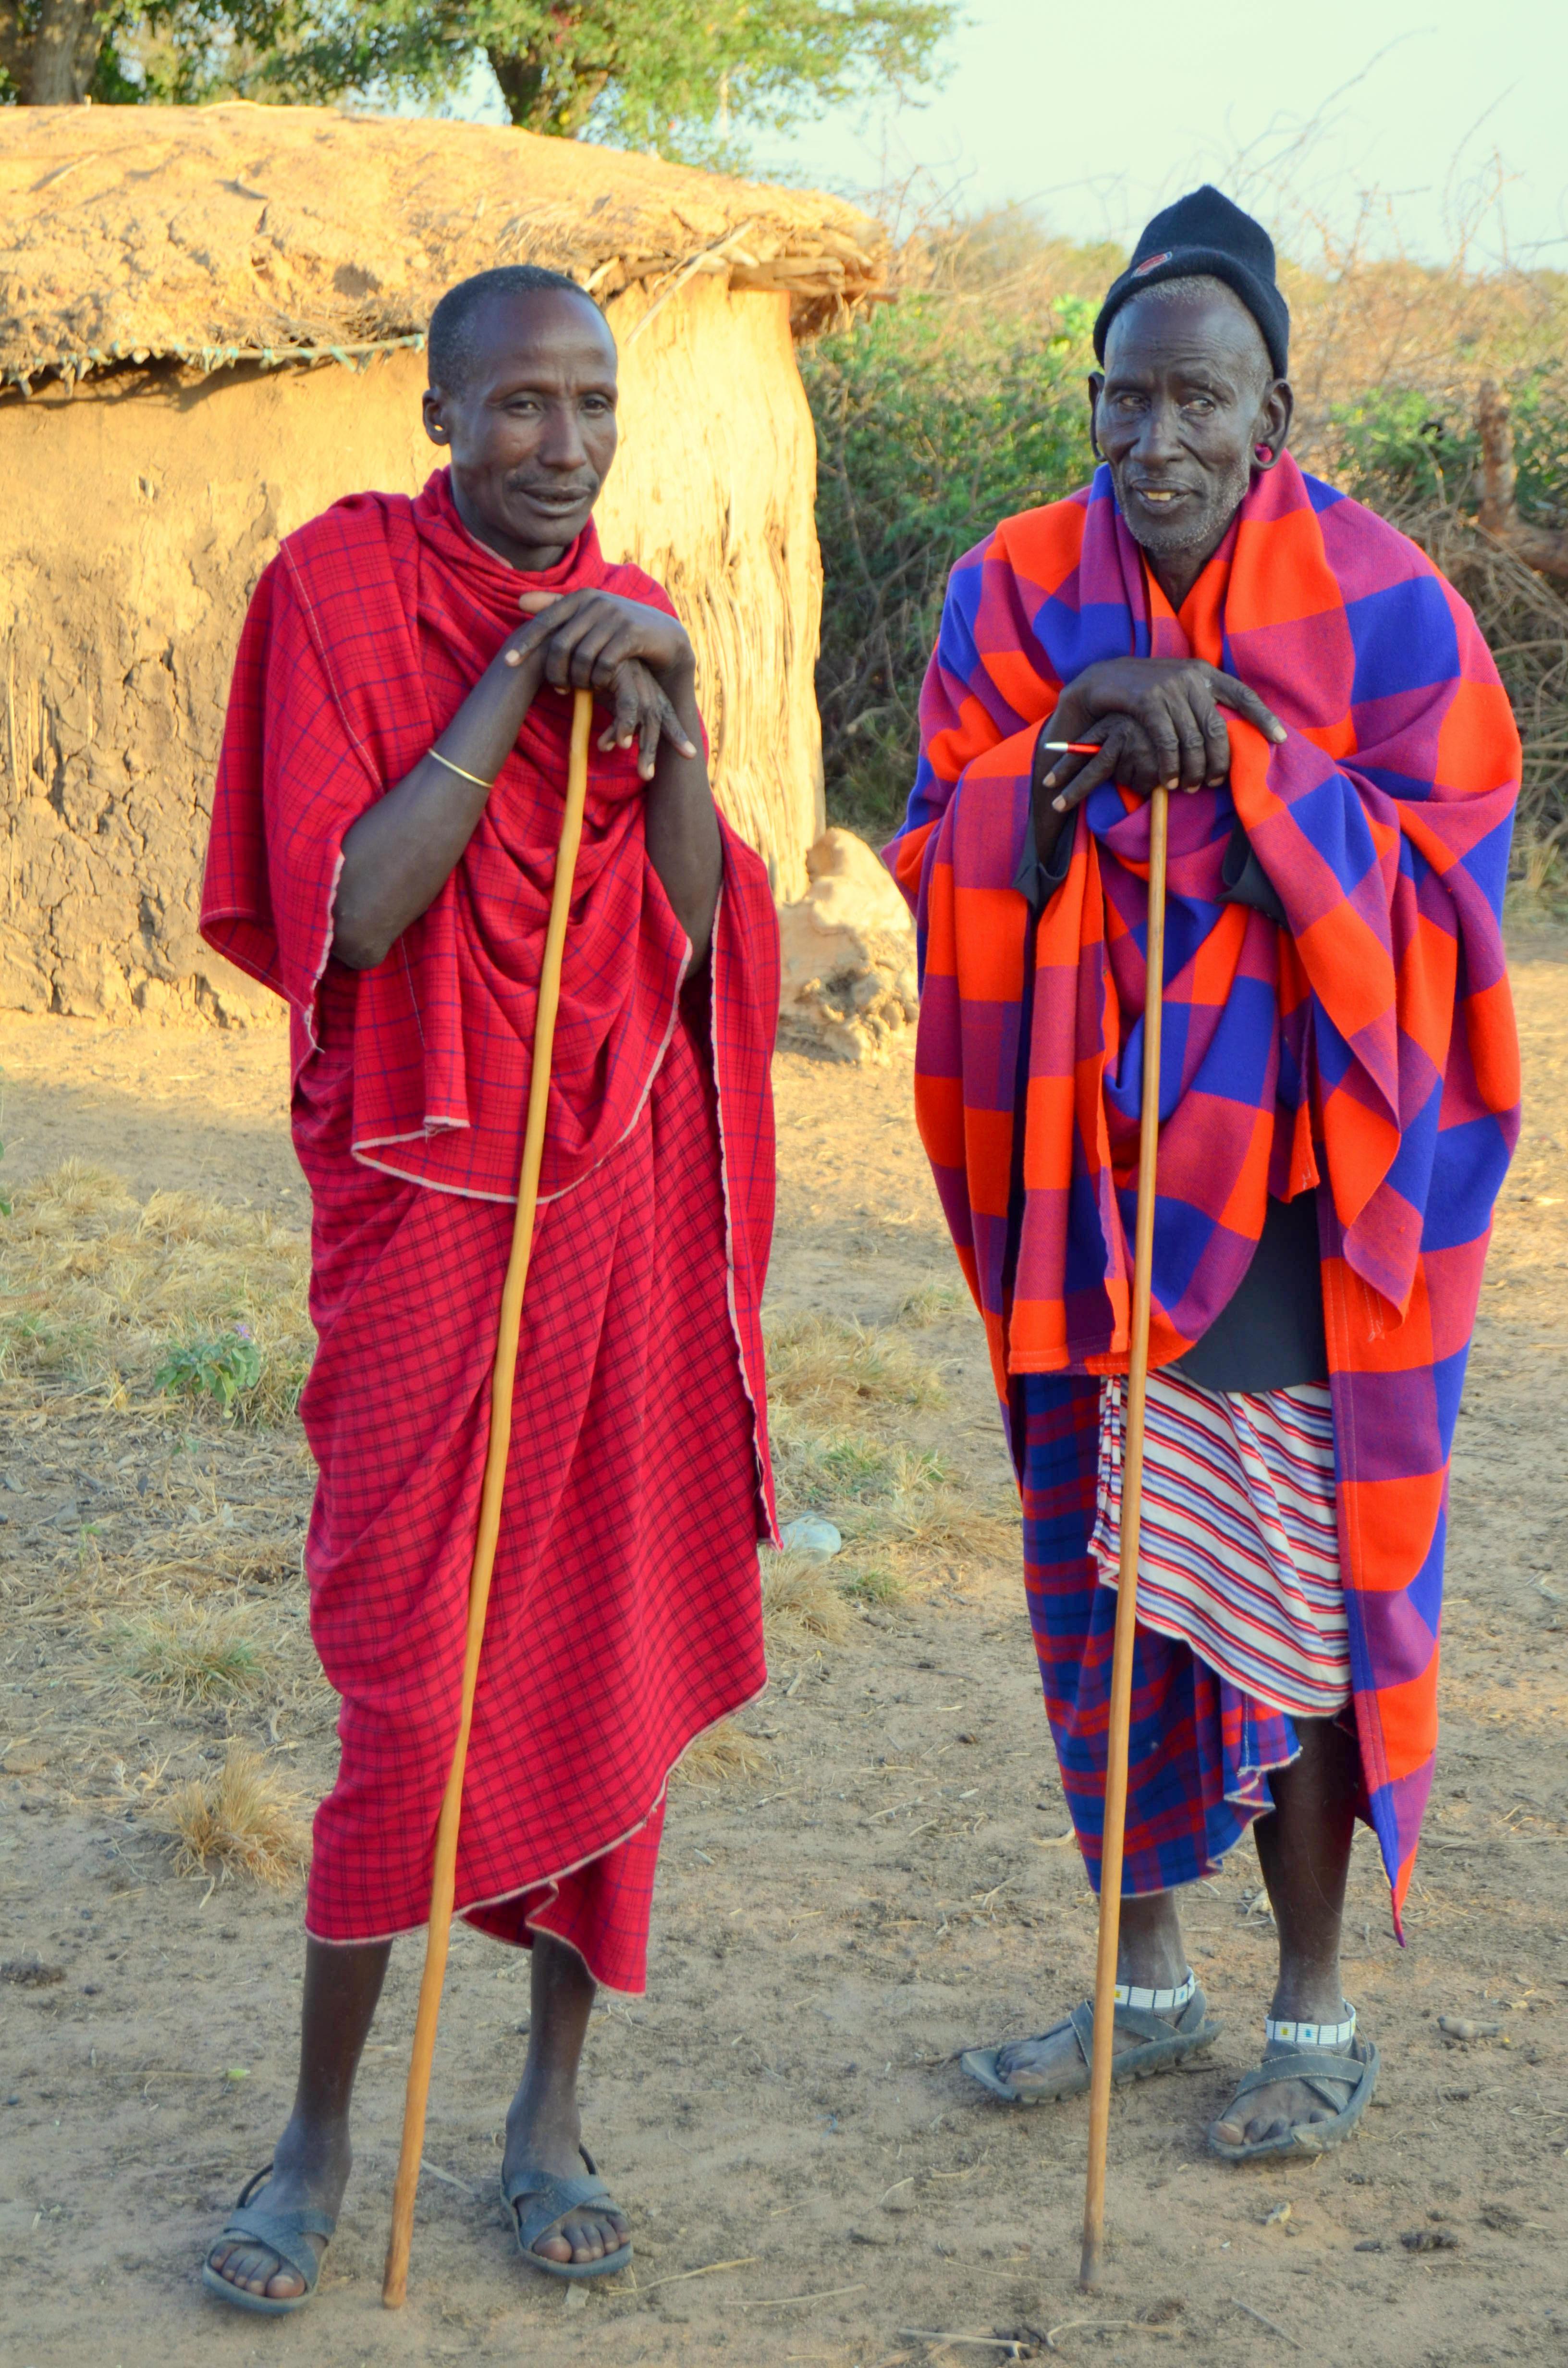 Bojovníci Morani. Vpravo otec kmene s jedním ze svých synů.